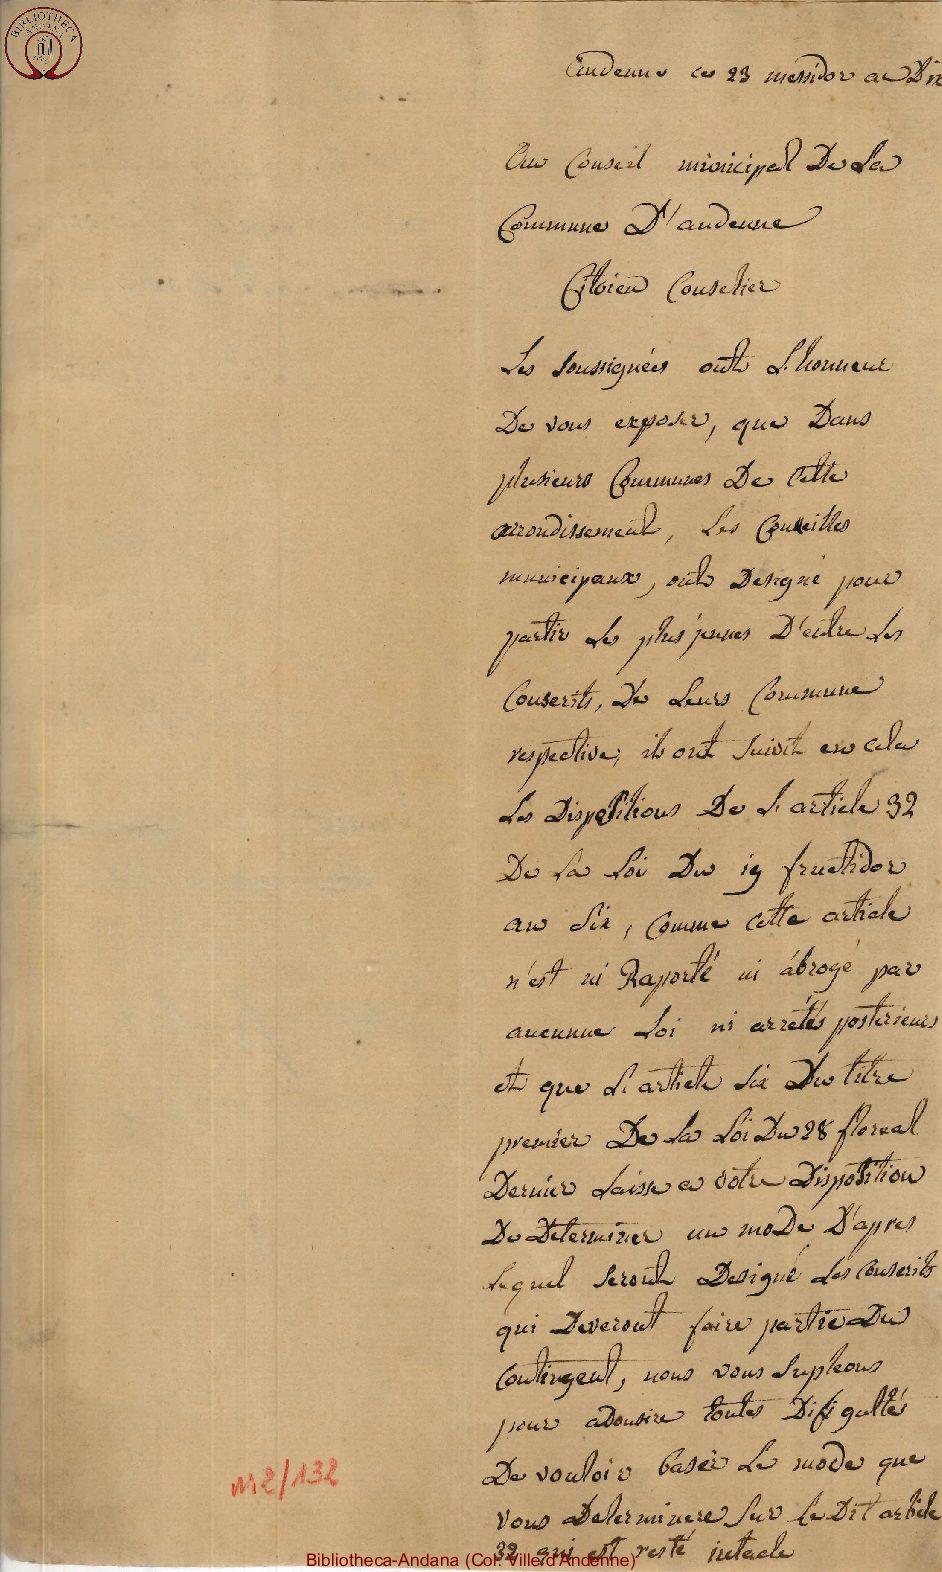 1804-07-18 (29 messidor an 12)